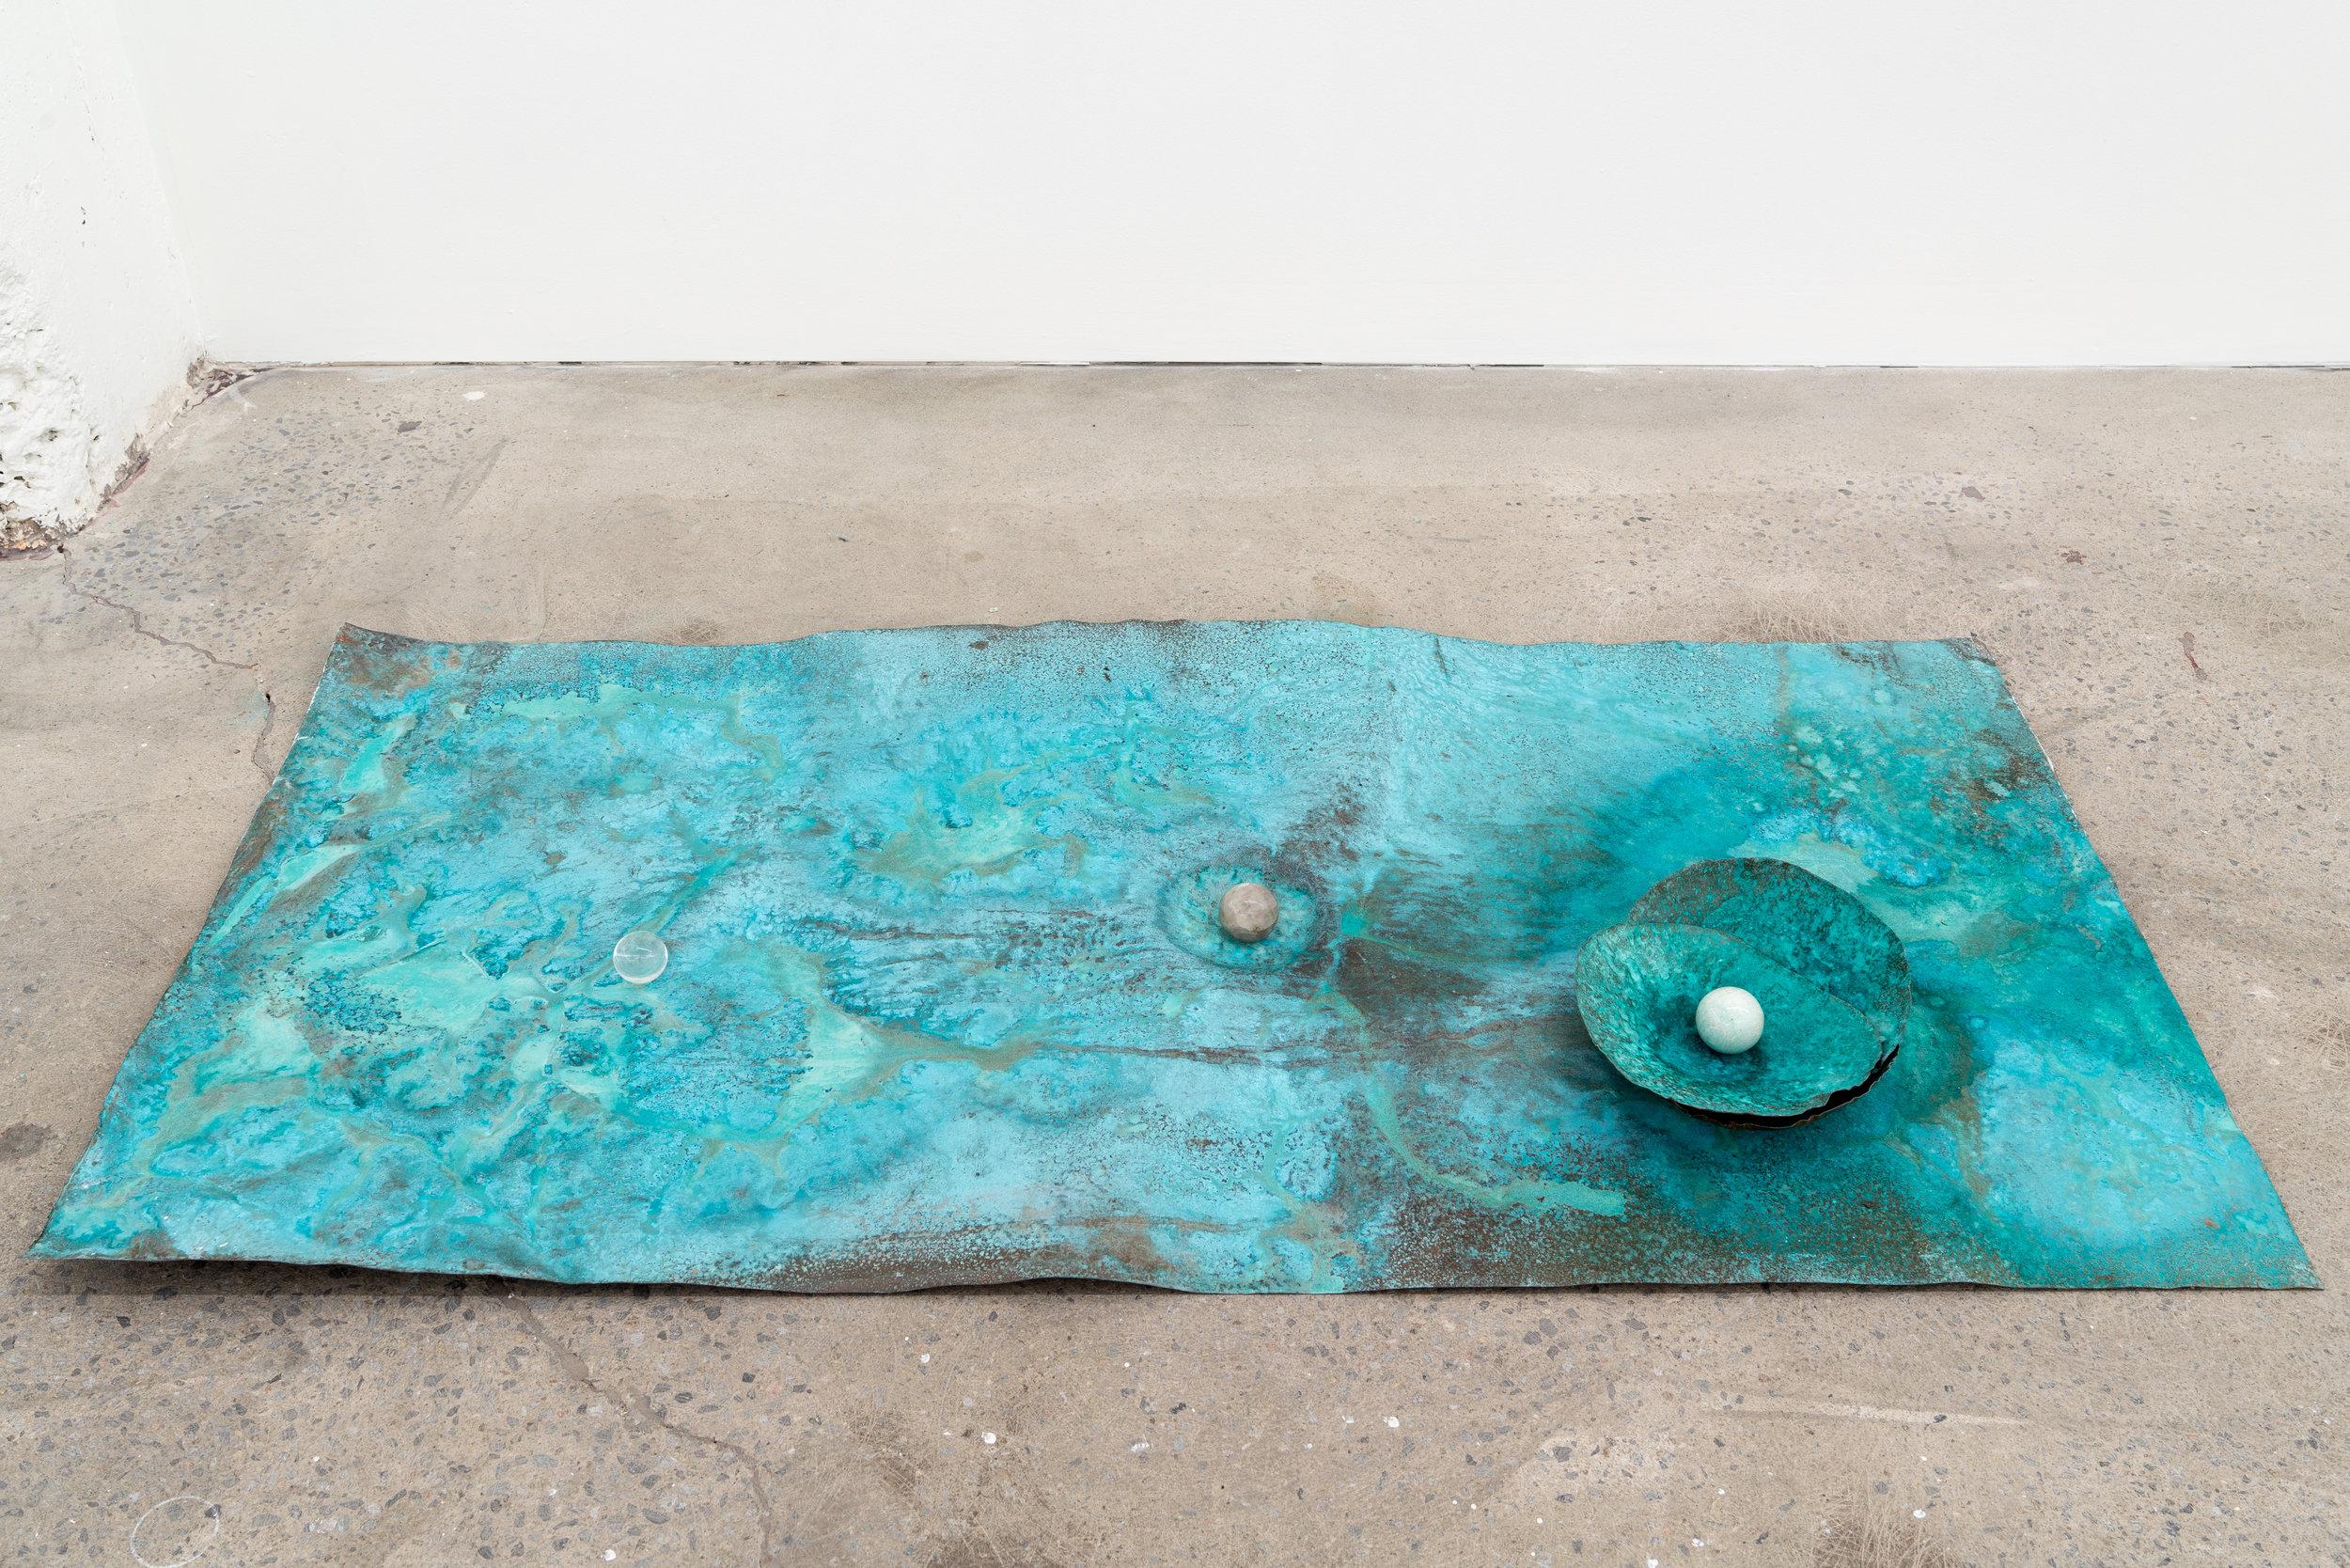 """Lorna Bauer,  The Toilers,  2018, cuivre martelé, Miracle grow, sphère de cristal  61 x 122 cm (24"""" x 48"""")"""